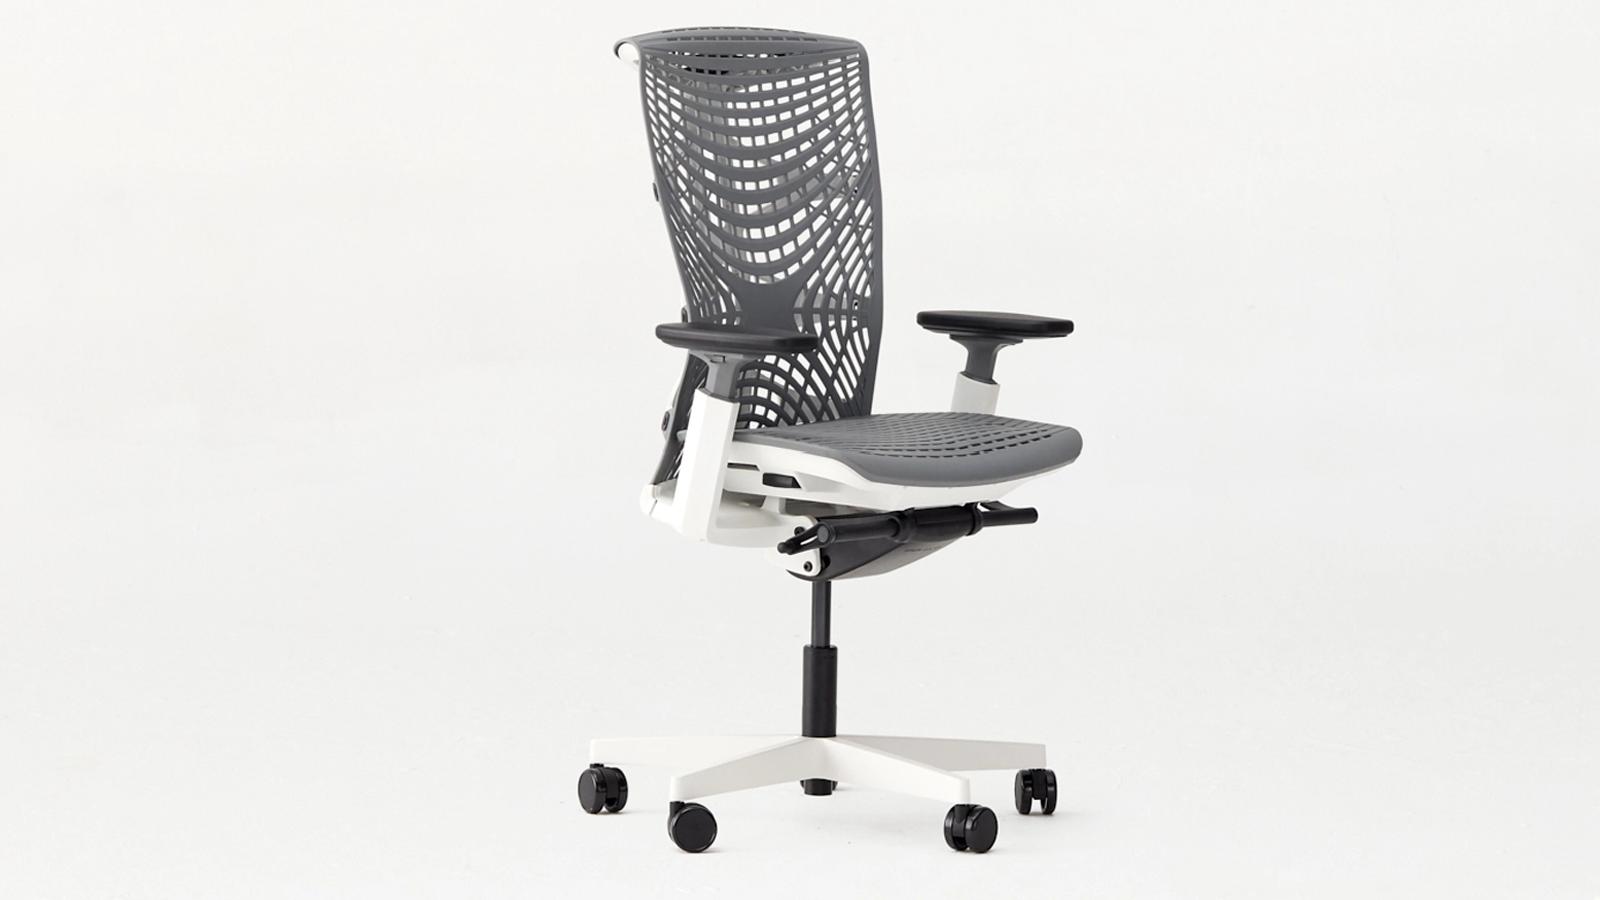 Autonomous Kinn office chair